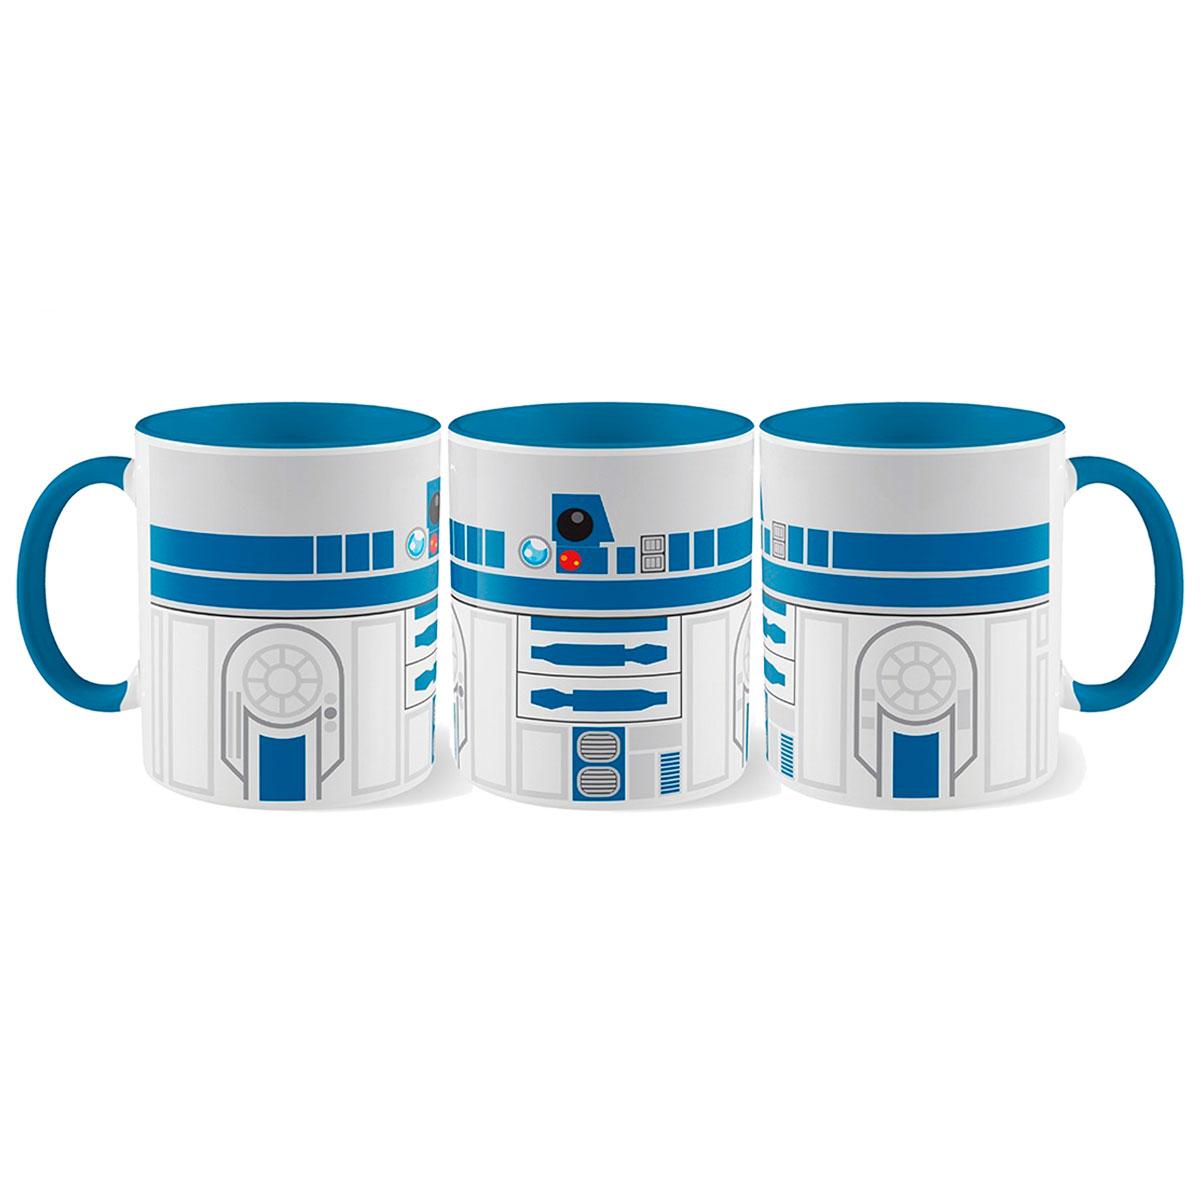 Caneca Droide R2D2 Star Wars - Presente Super